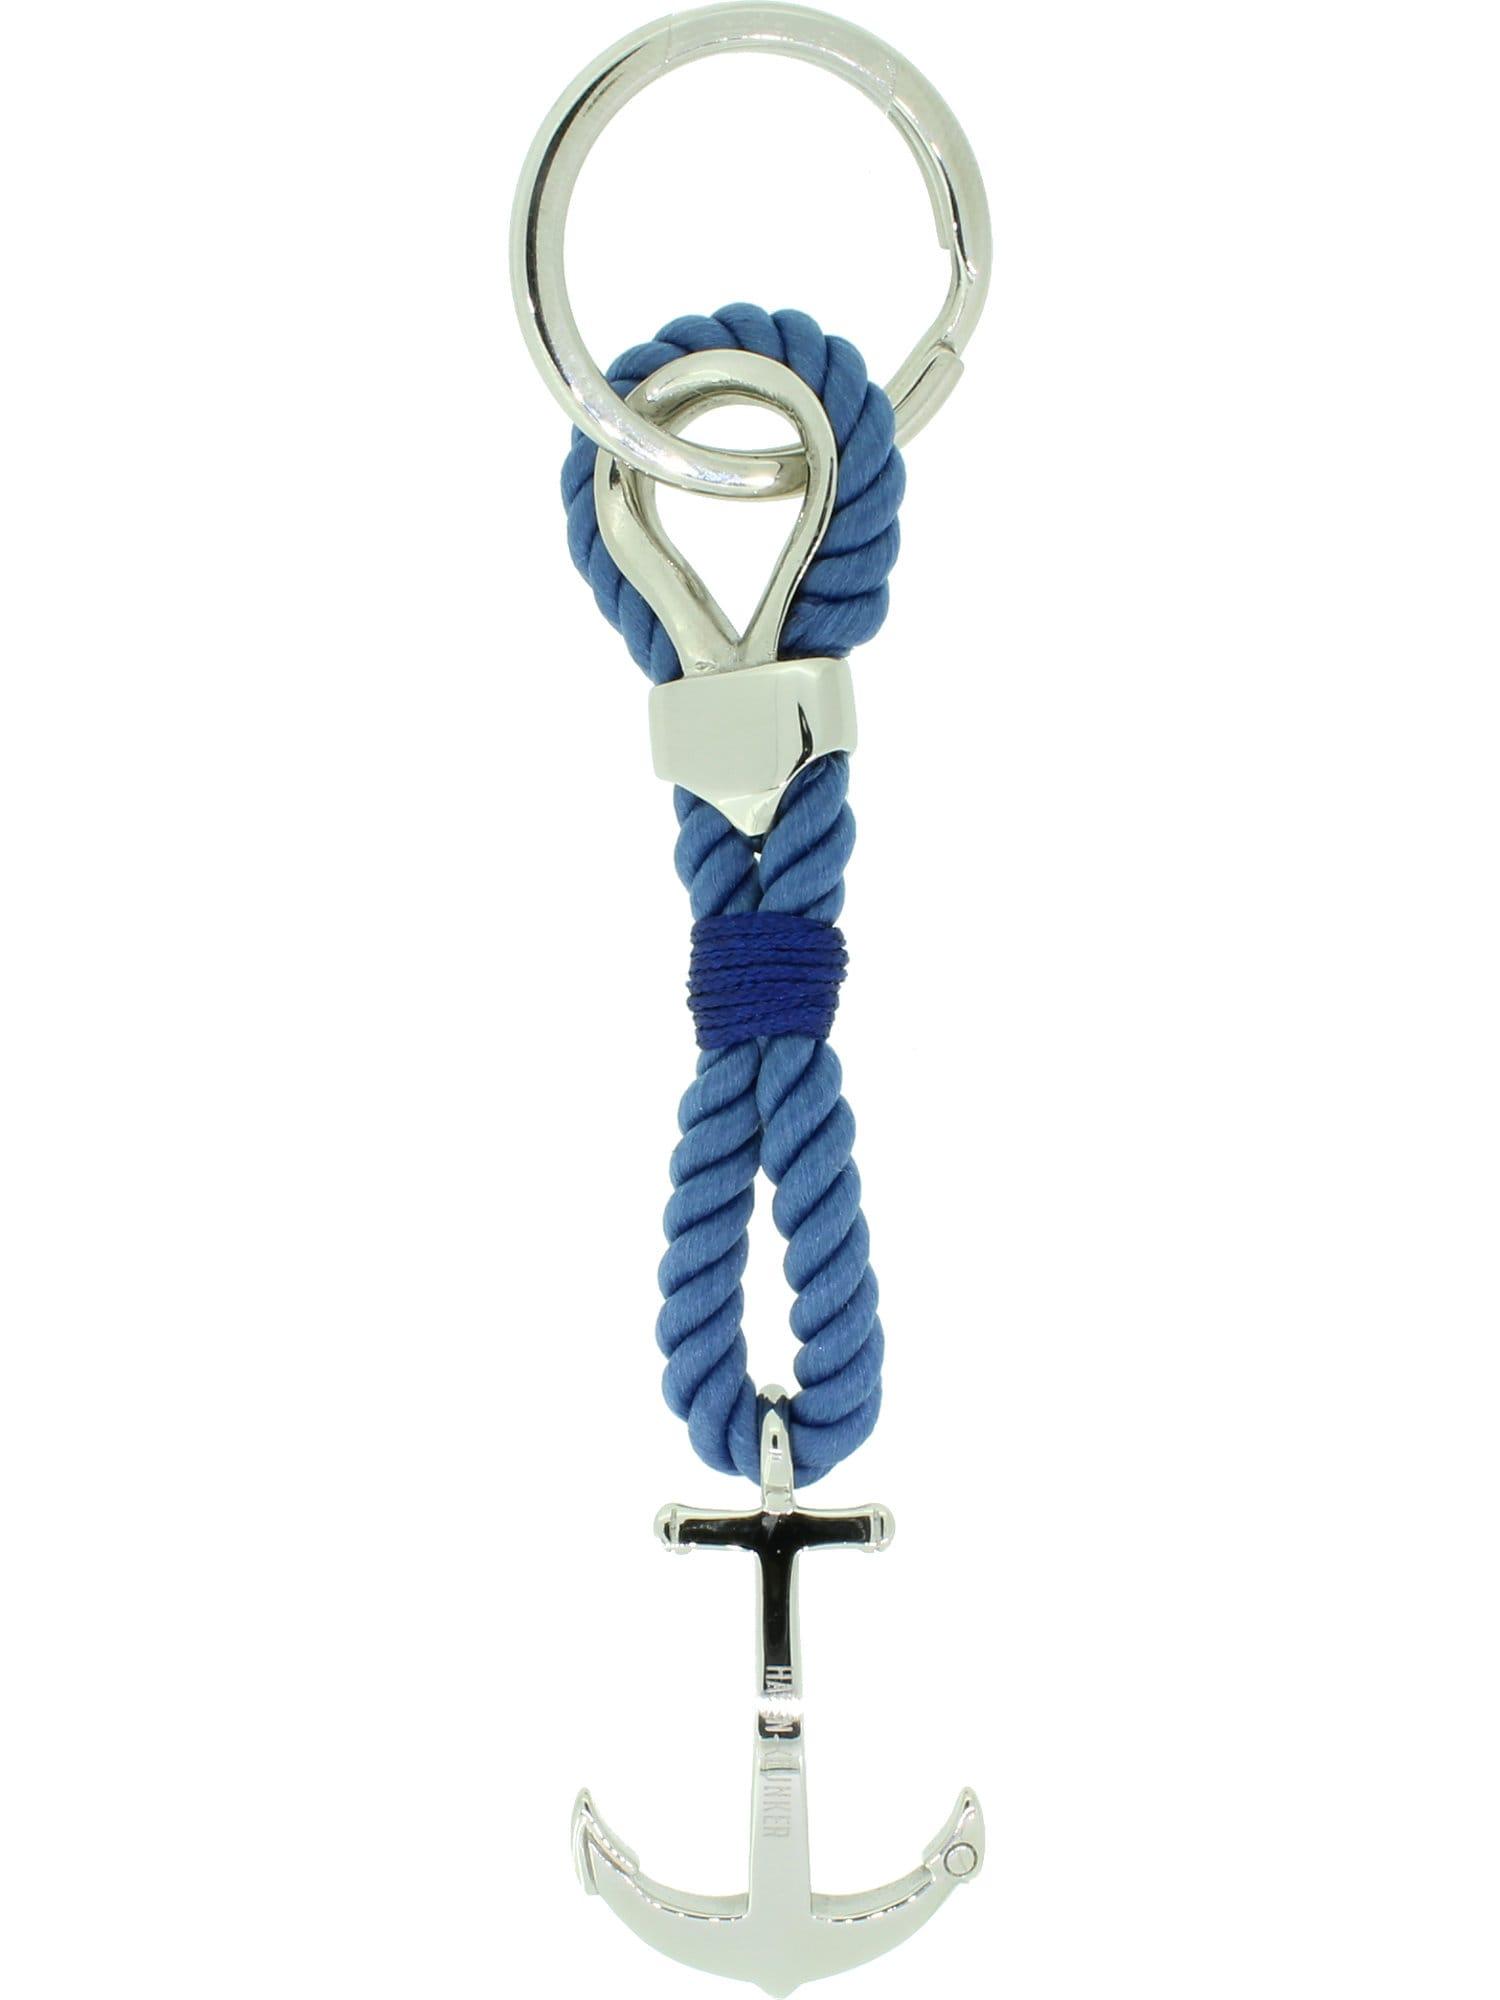 Schlüsselanhänger 'Anker' | Accessoires > Schlüsselanhänger | Hafen-Klunker